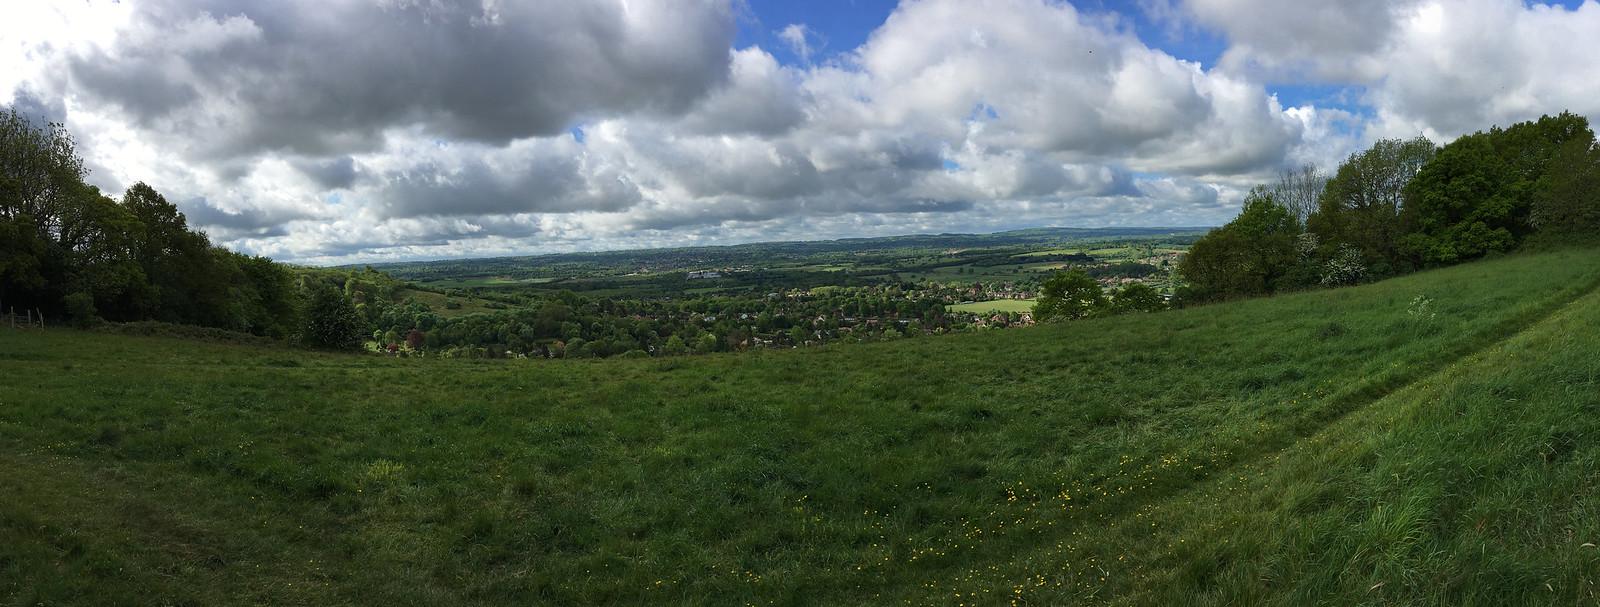 Darent Valley